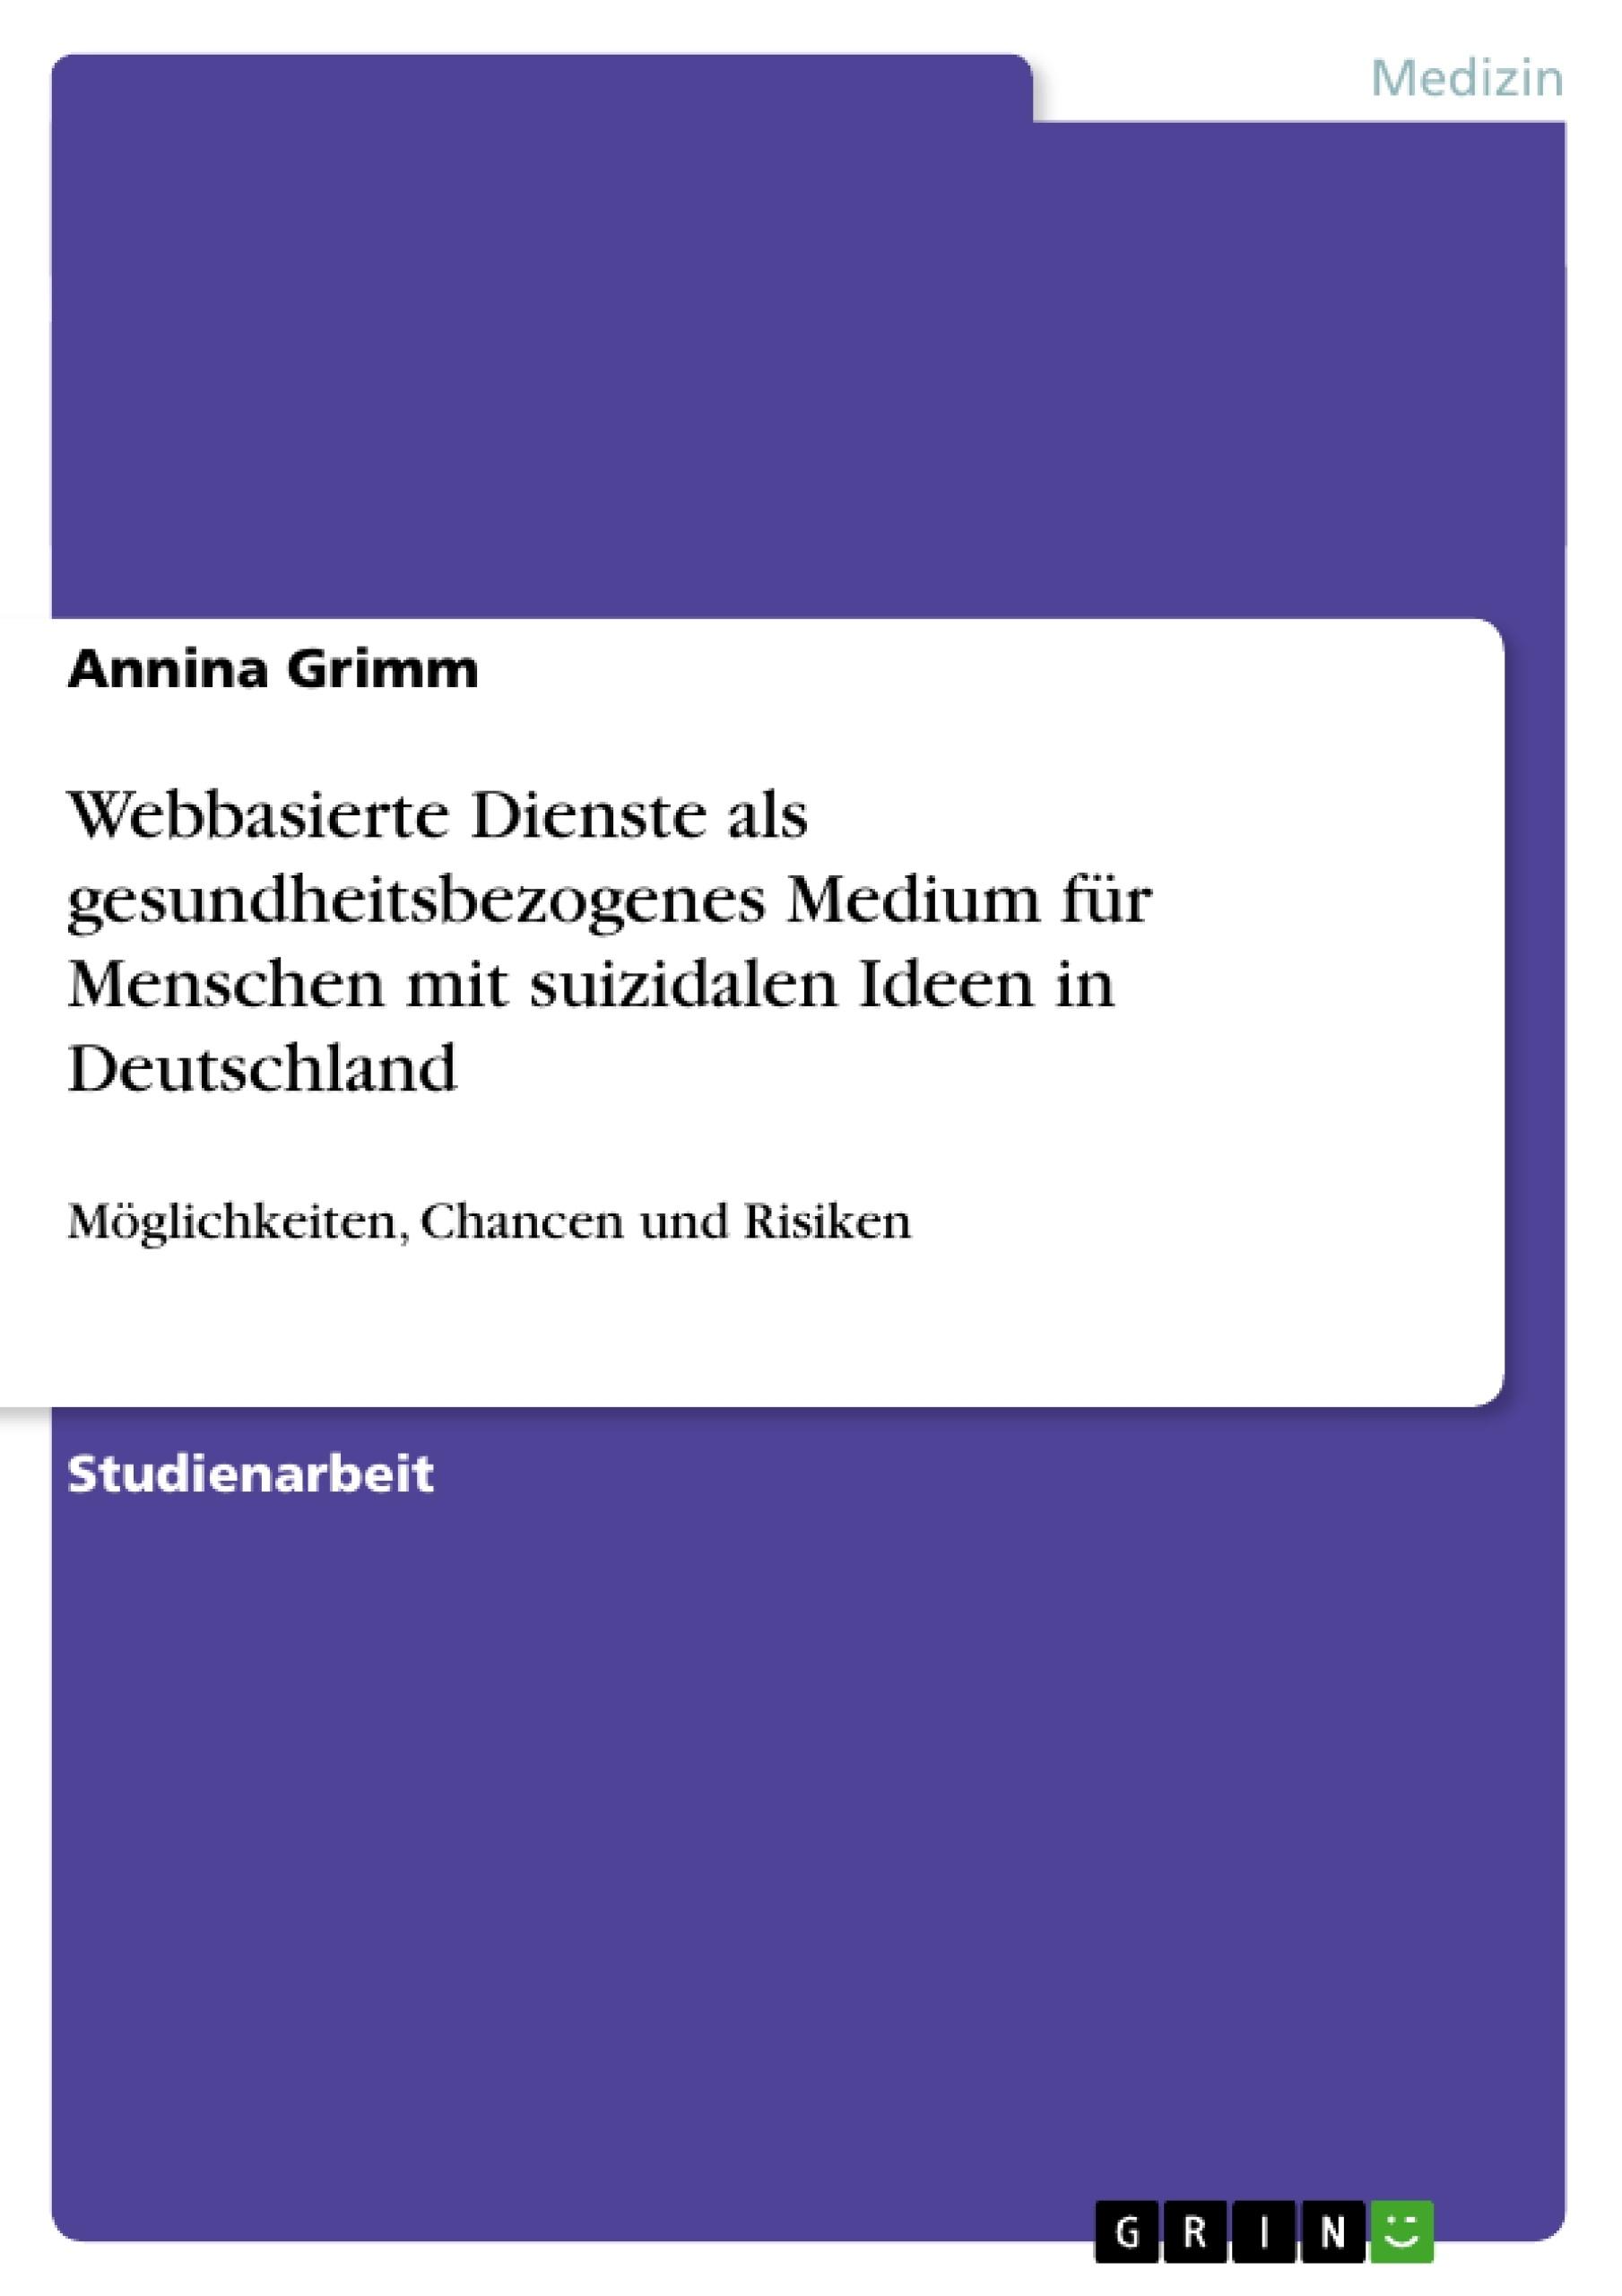 Titel: Webbasierte Dienste als gesundheitsbezogenes Medium für Menschen mit suizidalen Ideen in Deutschland